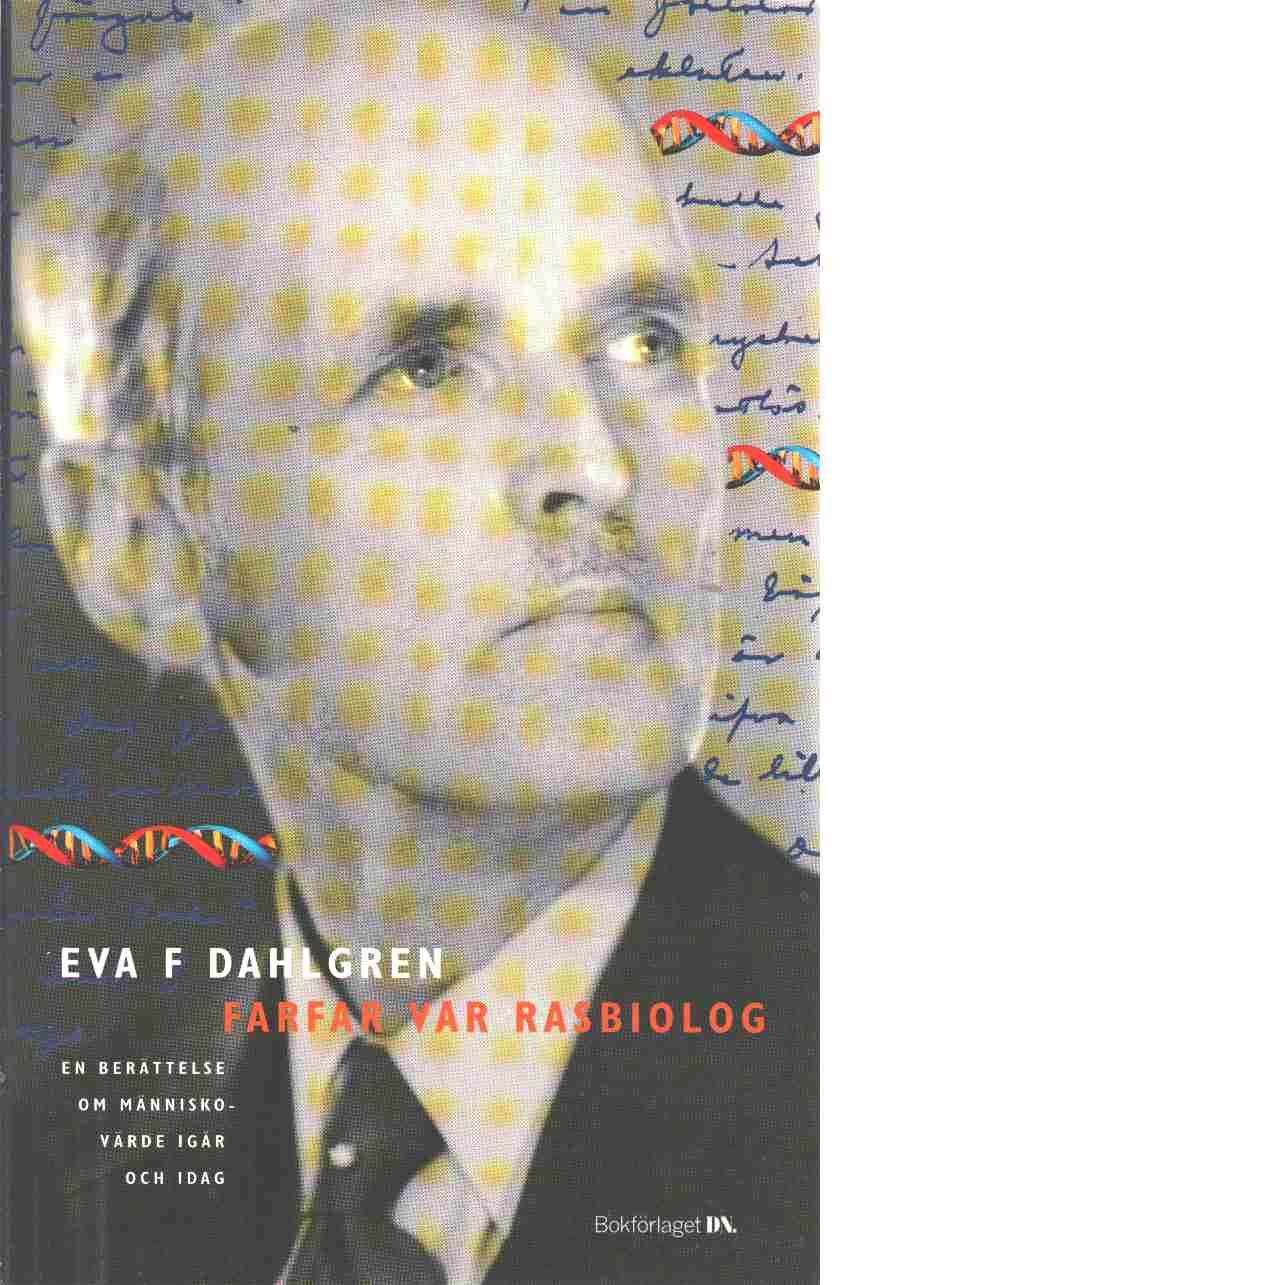 Farfar var rasbiolog : en berättelse om människovärde igår och idag - Dahlgren, Eva F